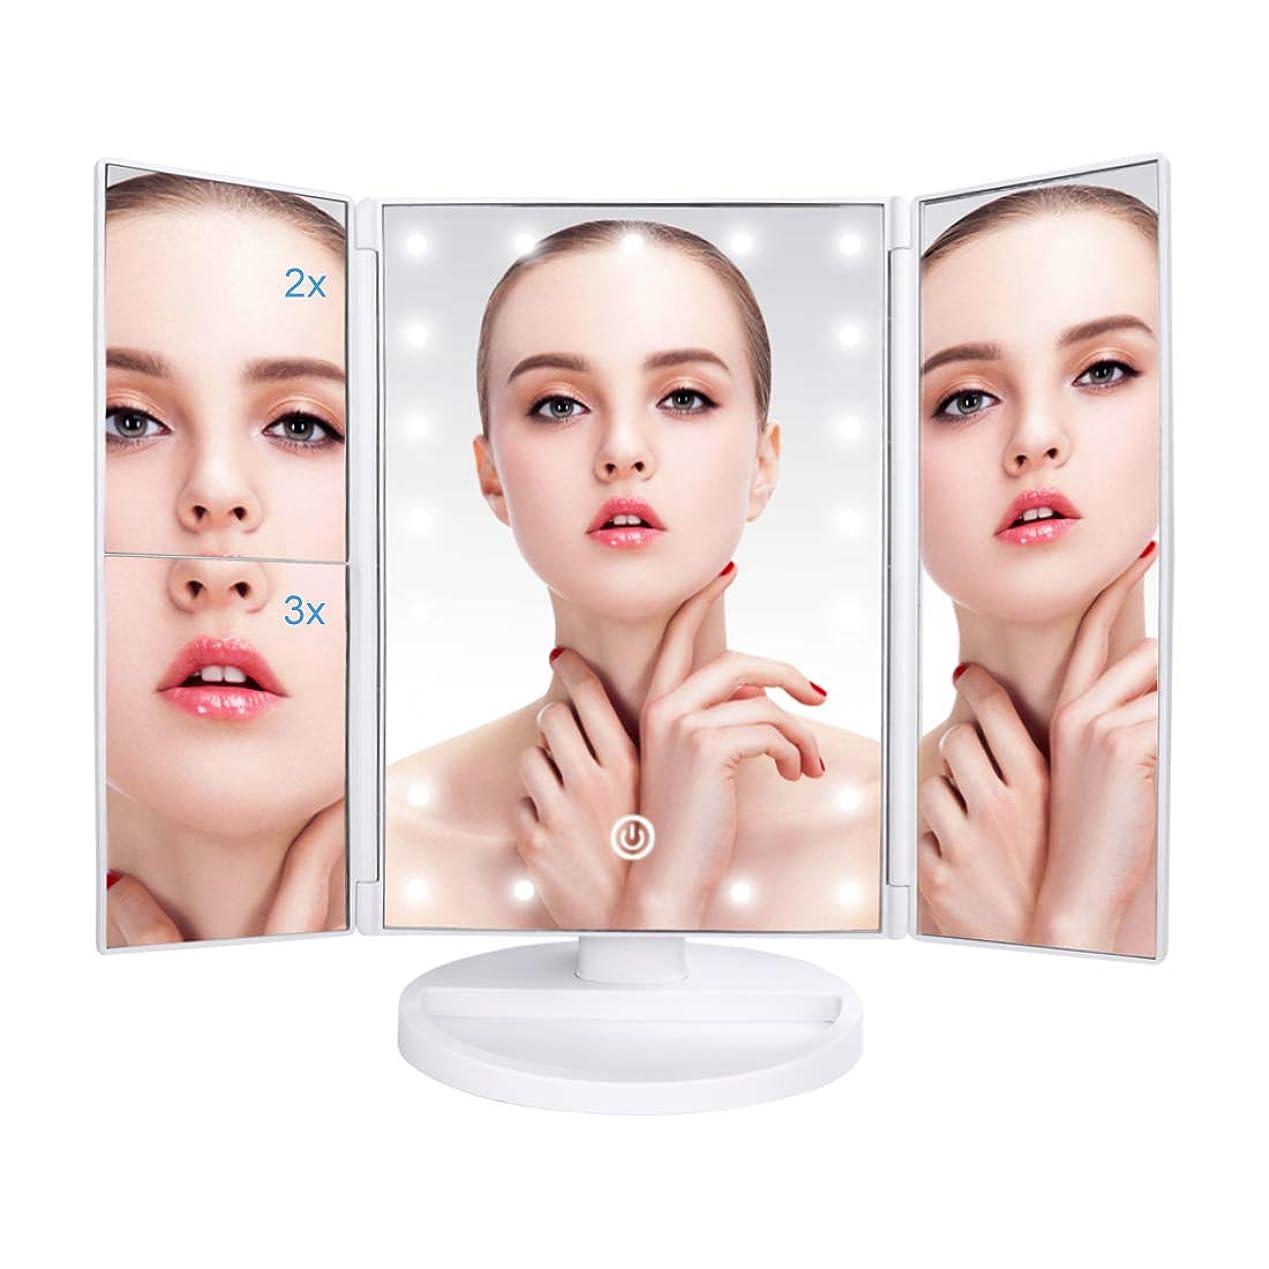 デコラティブホーン商業の化粧鏡 LED 化粧ミラー 卓上 鏡 三面鏡 女優ミラー LED付き折りたたみ 拡大鏡 2倍 3倍 明るさ調節可能 180°回転可能 電池&USB 2WAY給電 21個LEDライト付きホワイト